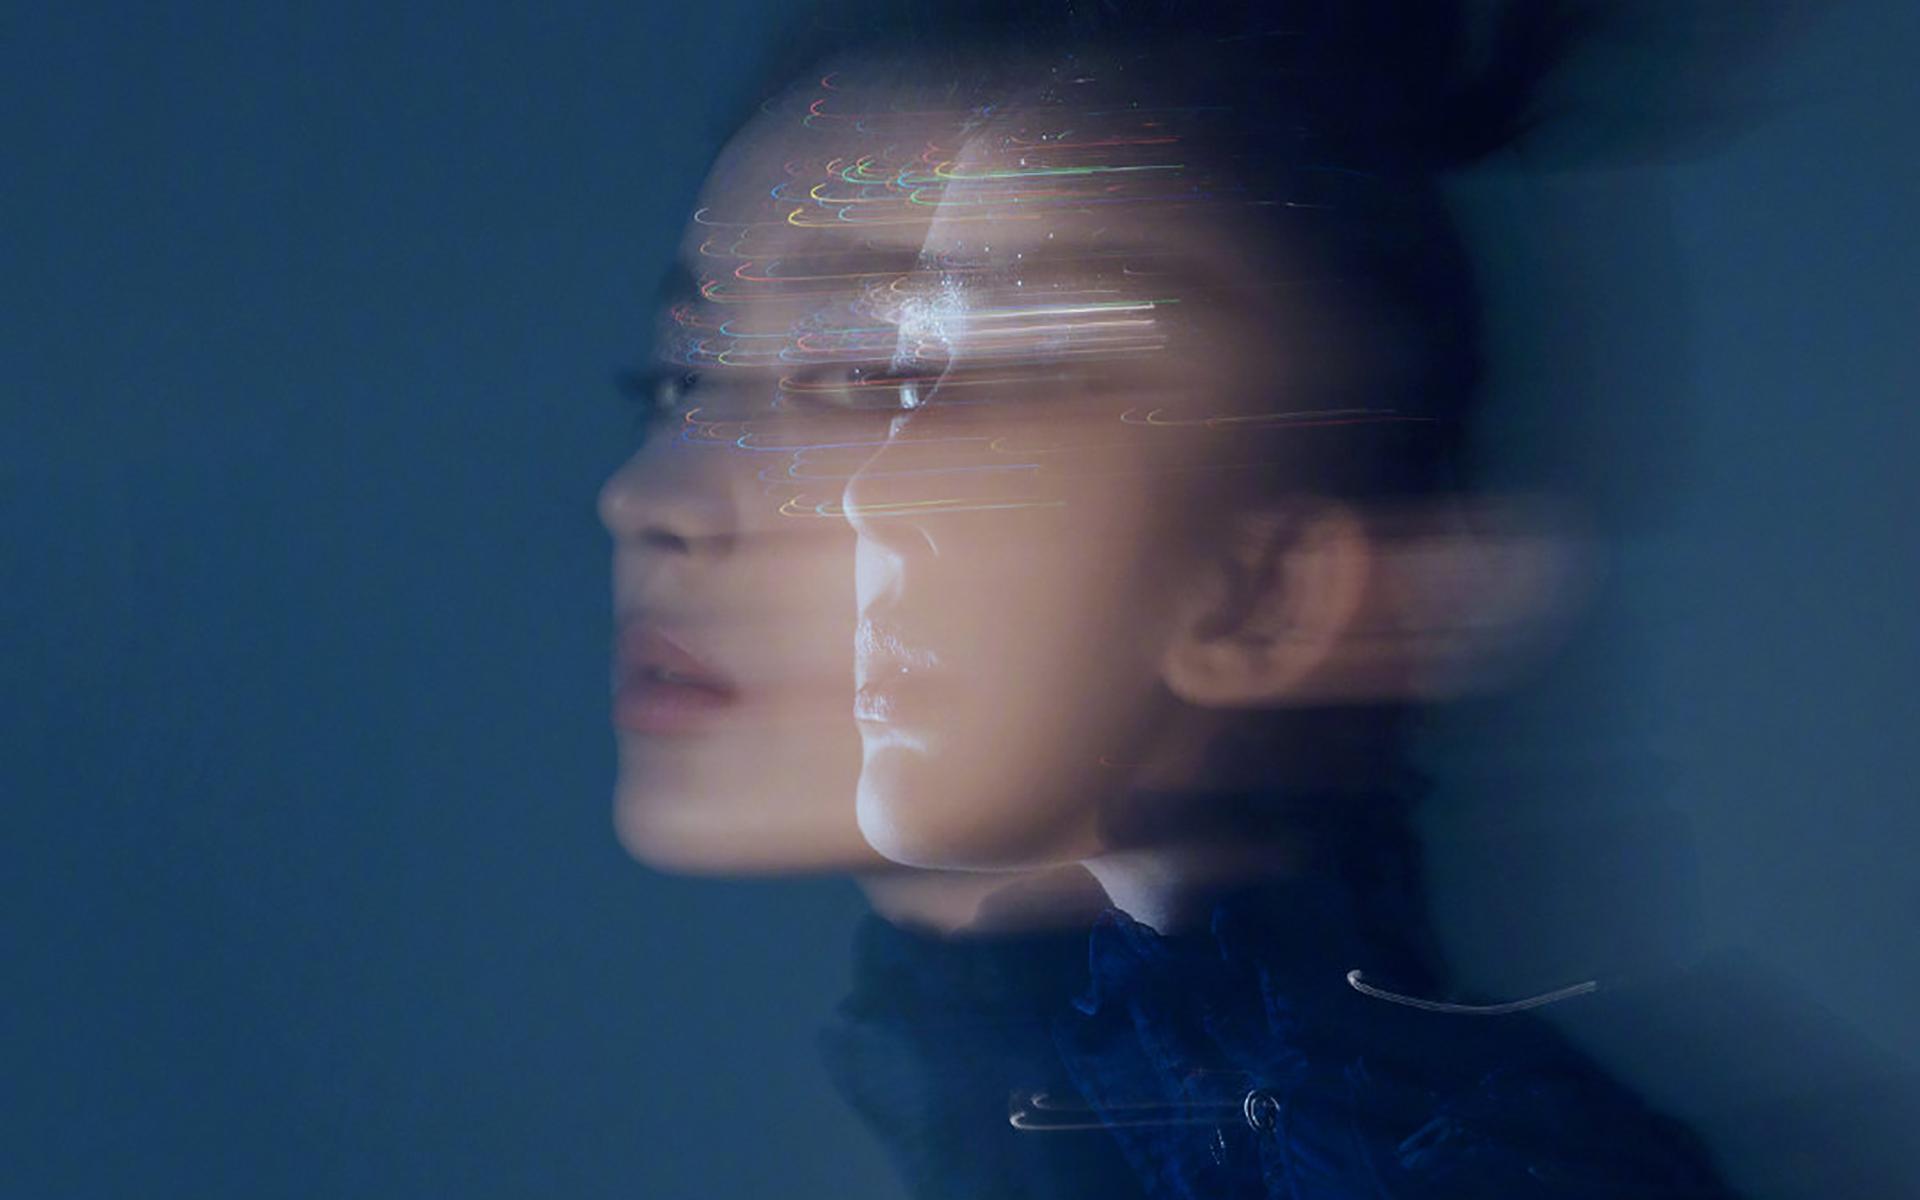 古力娜扎时尚杂志柔软姿态写真图片壁纸